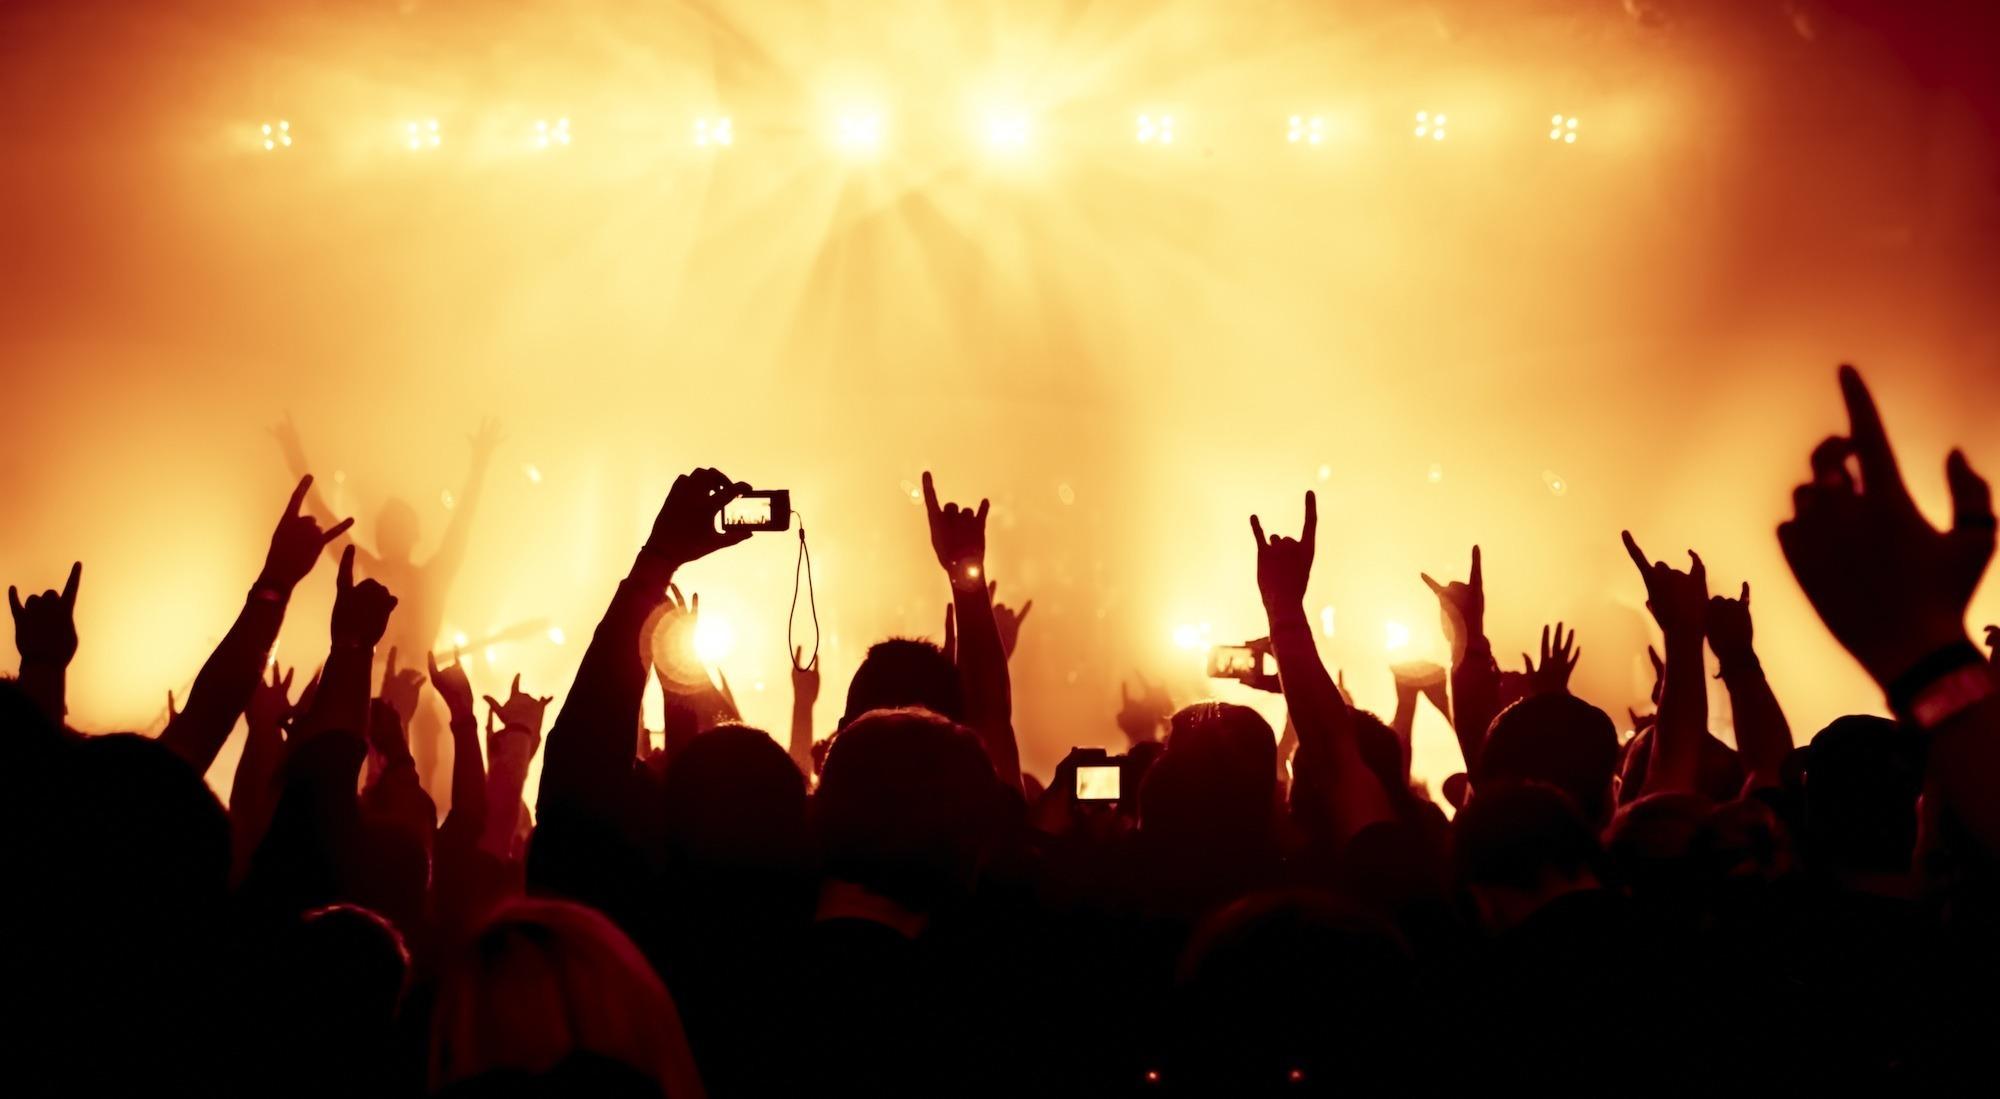 http://shbabbek.com/upload/خروجة الثلاثاء.. موسيقى ومعارض فنية وسينما